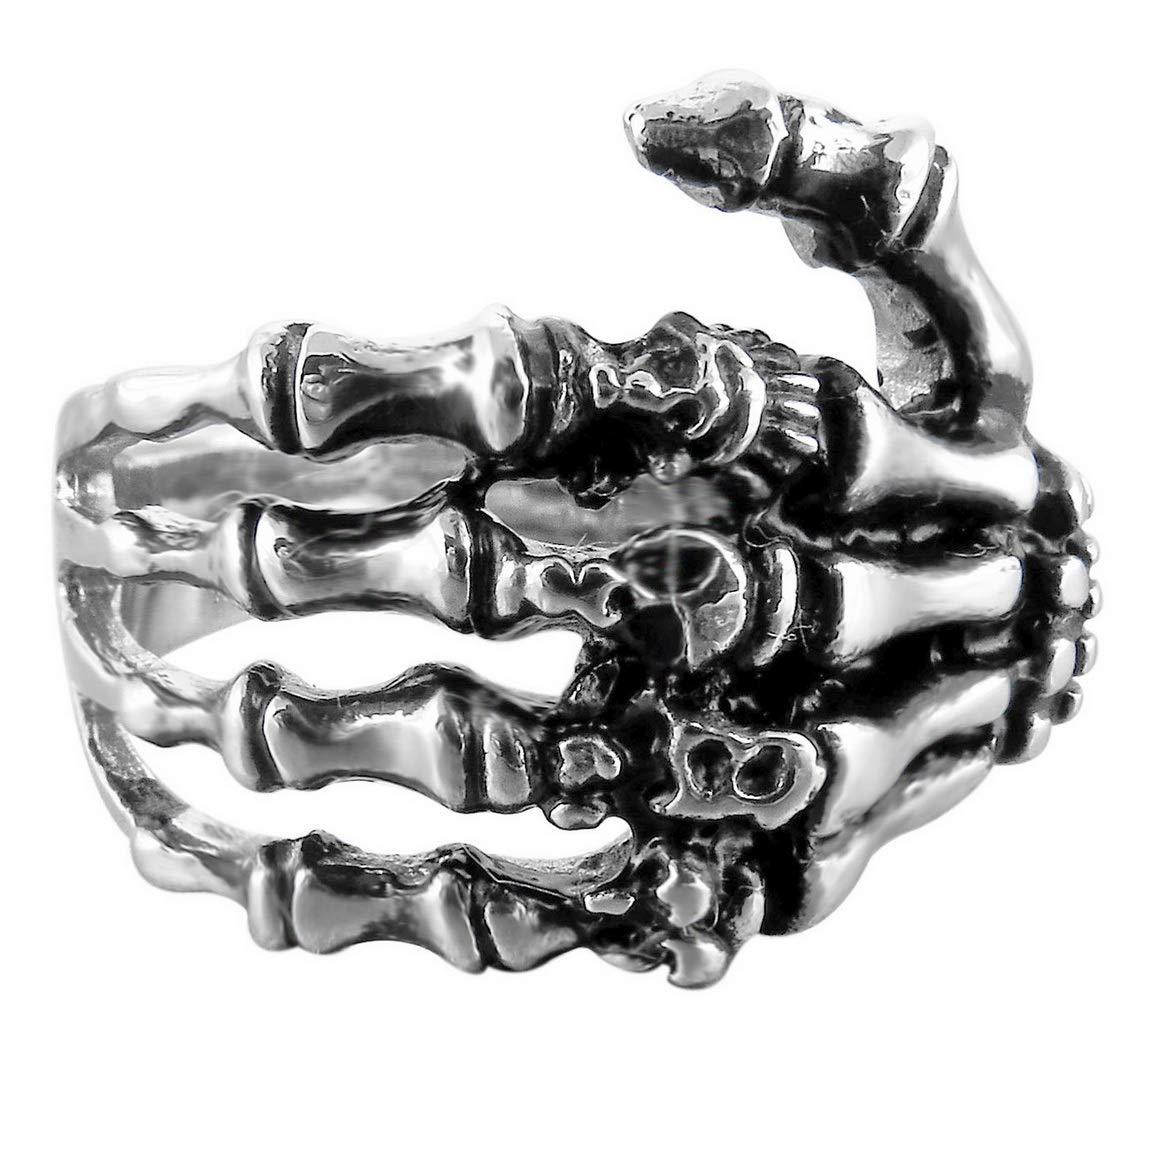 INBLUE Men's Stainless Steel Ring Band Silver Tone Black Skull Hand Bone Size10